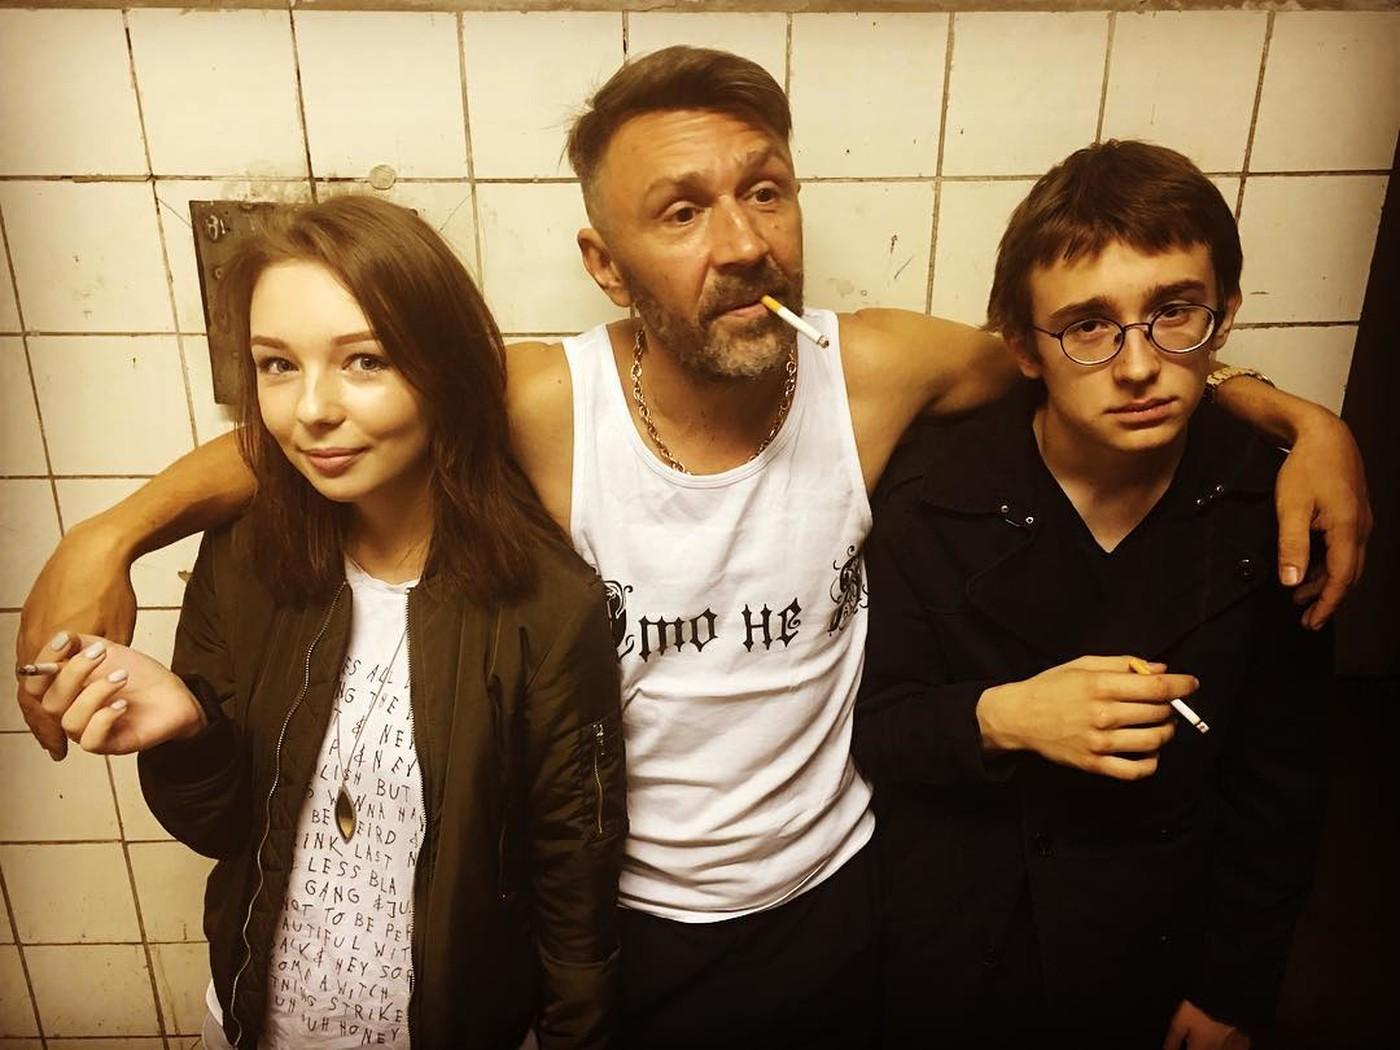 Екс-дружина Сергія Шнурова: я не очікувала, що він одружився в четвертий раз.